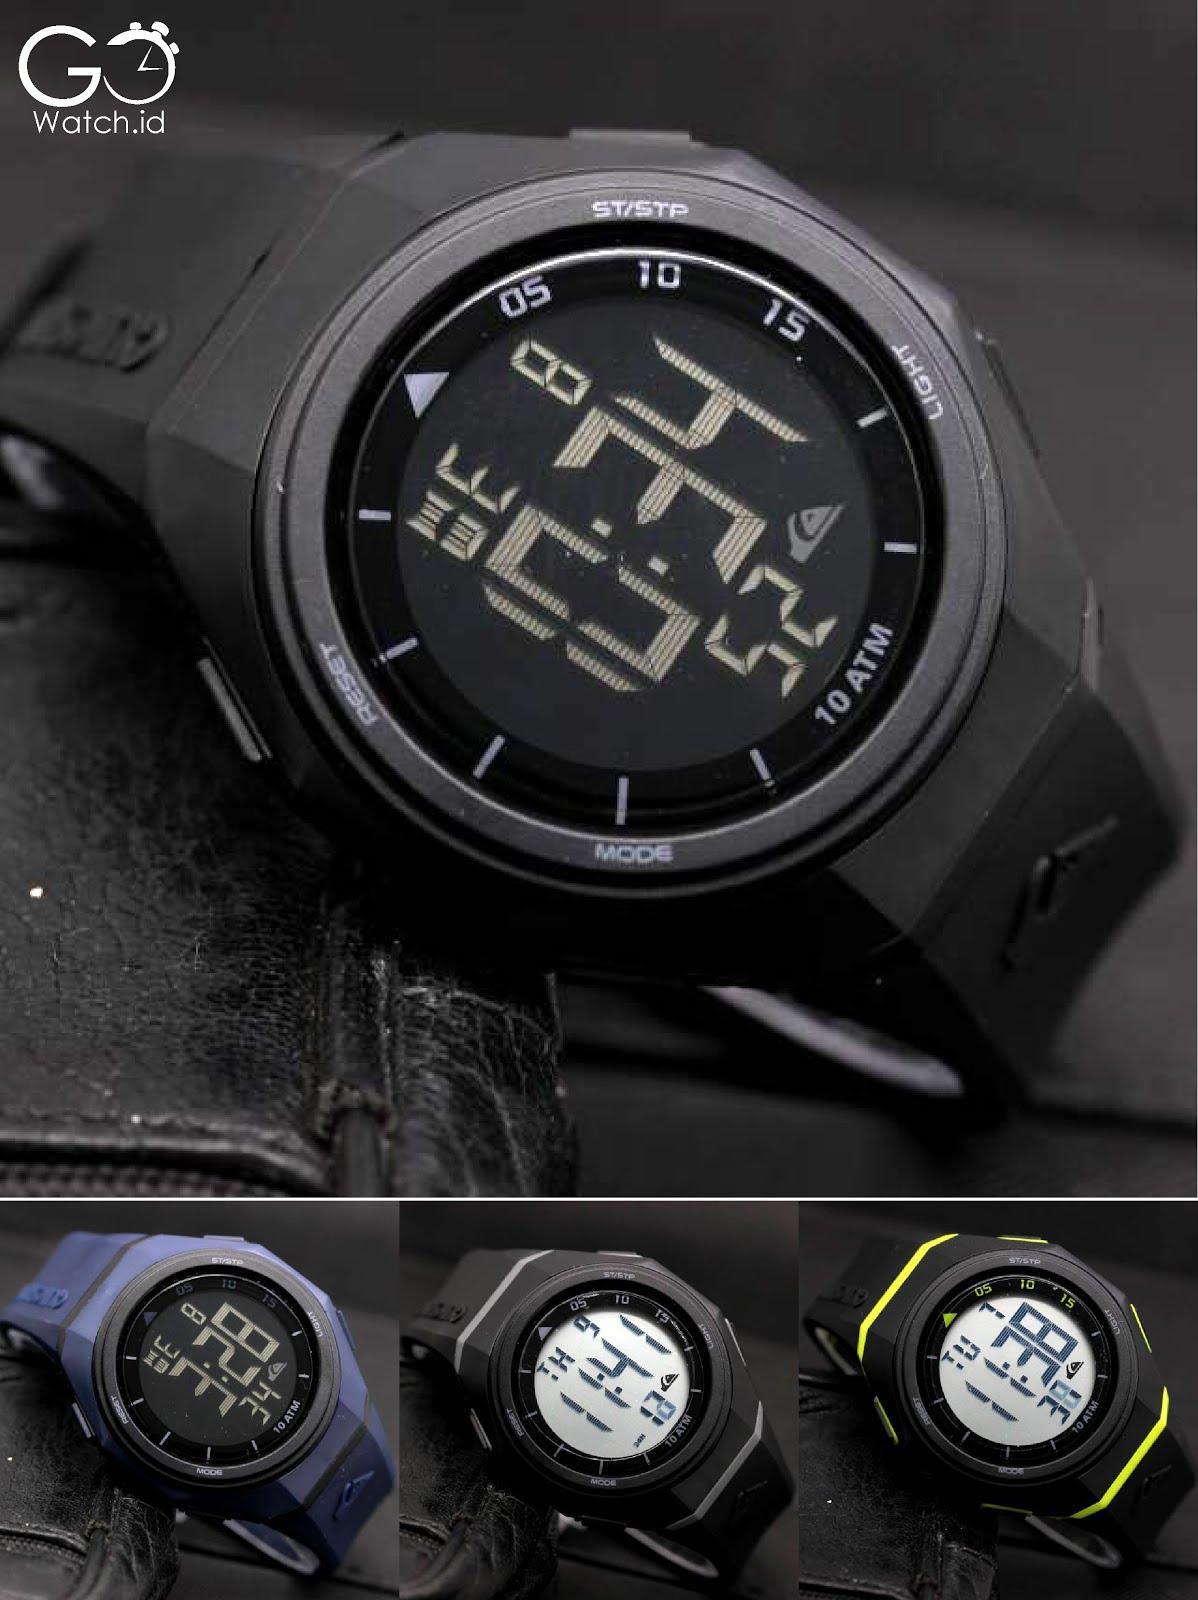 Toko Jam Tangan Ori  jual jam tangan pria online di jakarta 83026c12b2